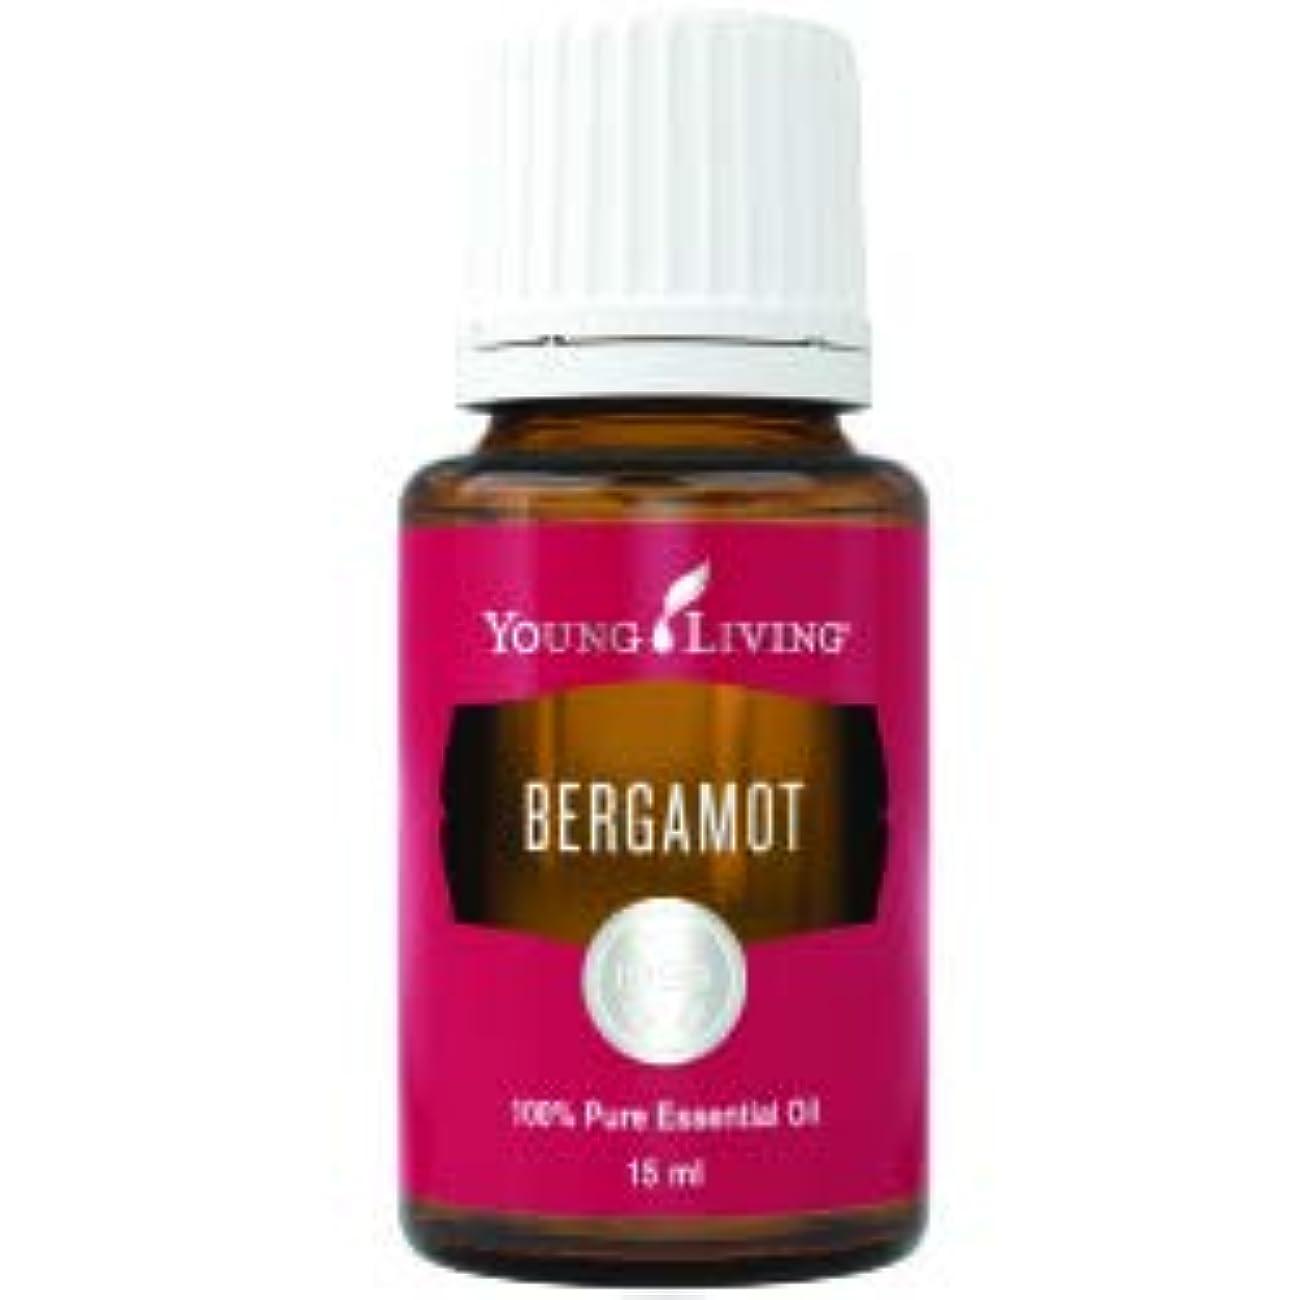 区別一次登るヤングリビングマレーシアのベルガモットエッセンシャルオイル15 ml Bergamot Essential Oil 15 ml by Young Living Malaysia